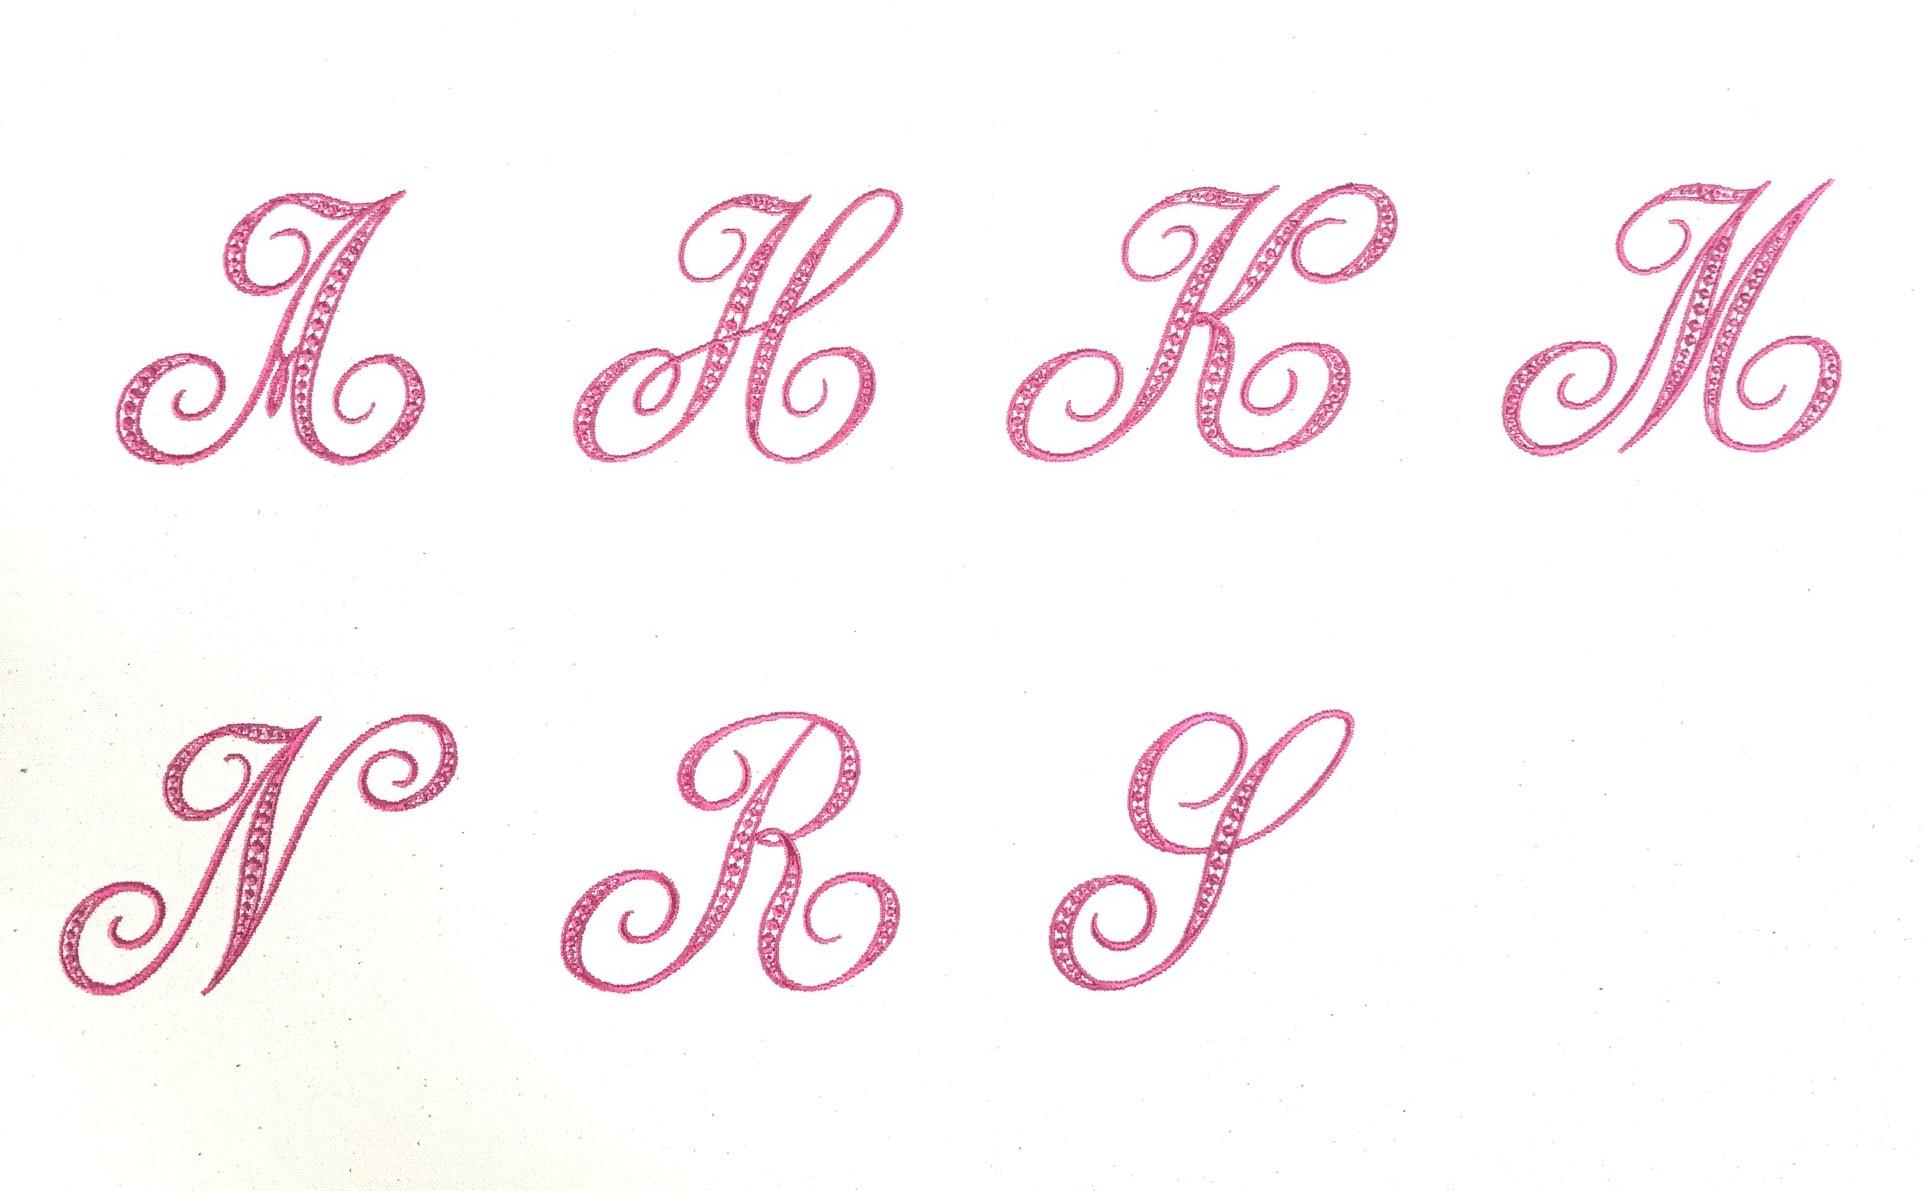 プリズム刺繍さんデザインSphère font (スフェールフォント) 発売開始✨